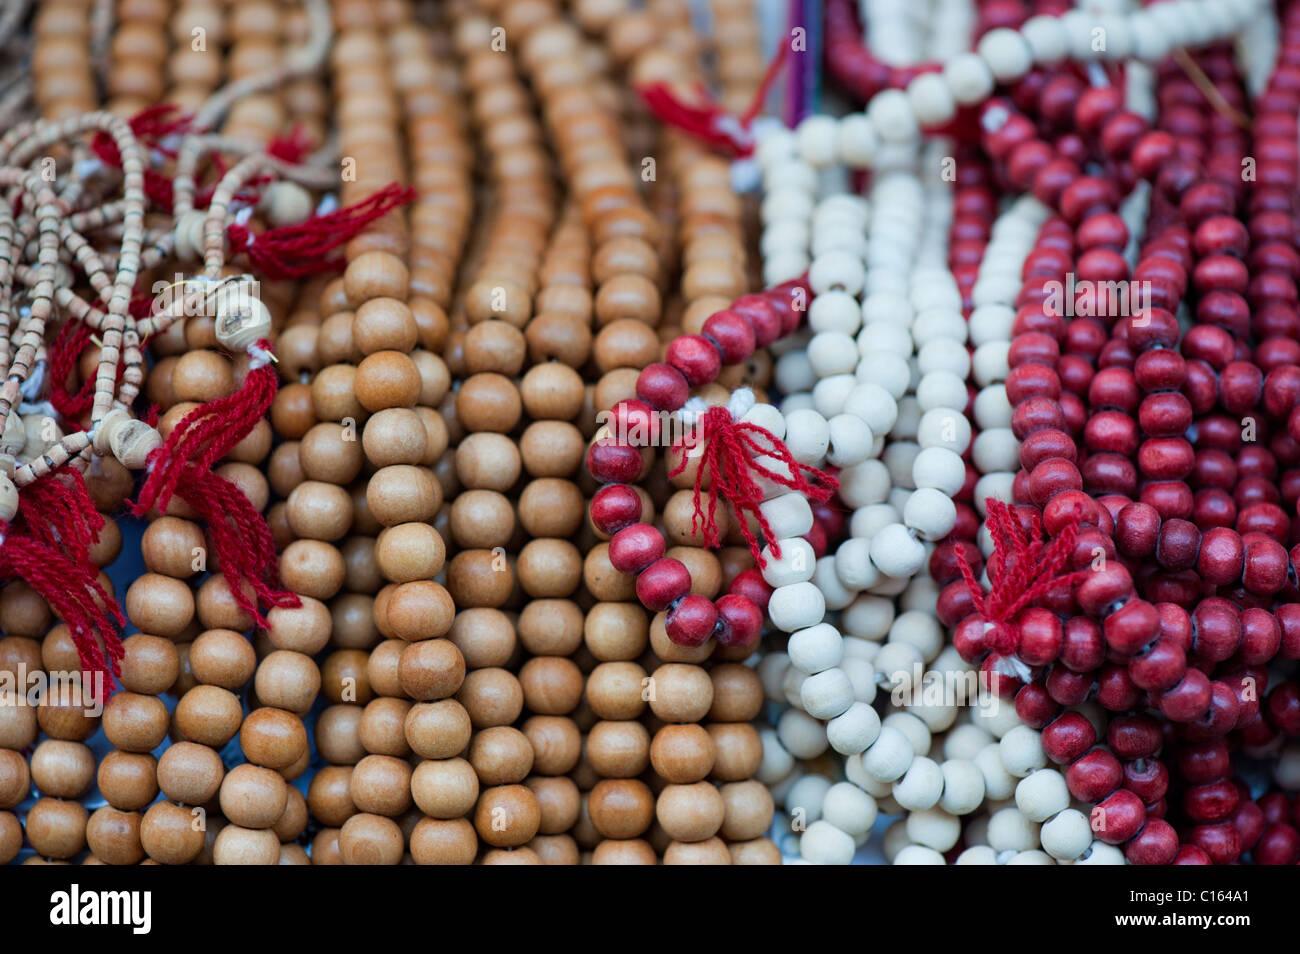 Indische Gebet Holzperlen (Zählung Perlen) auf einem Marktstand. Indien Stockfoto